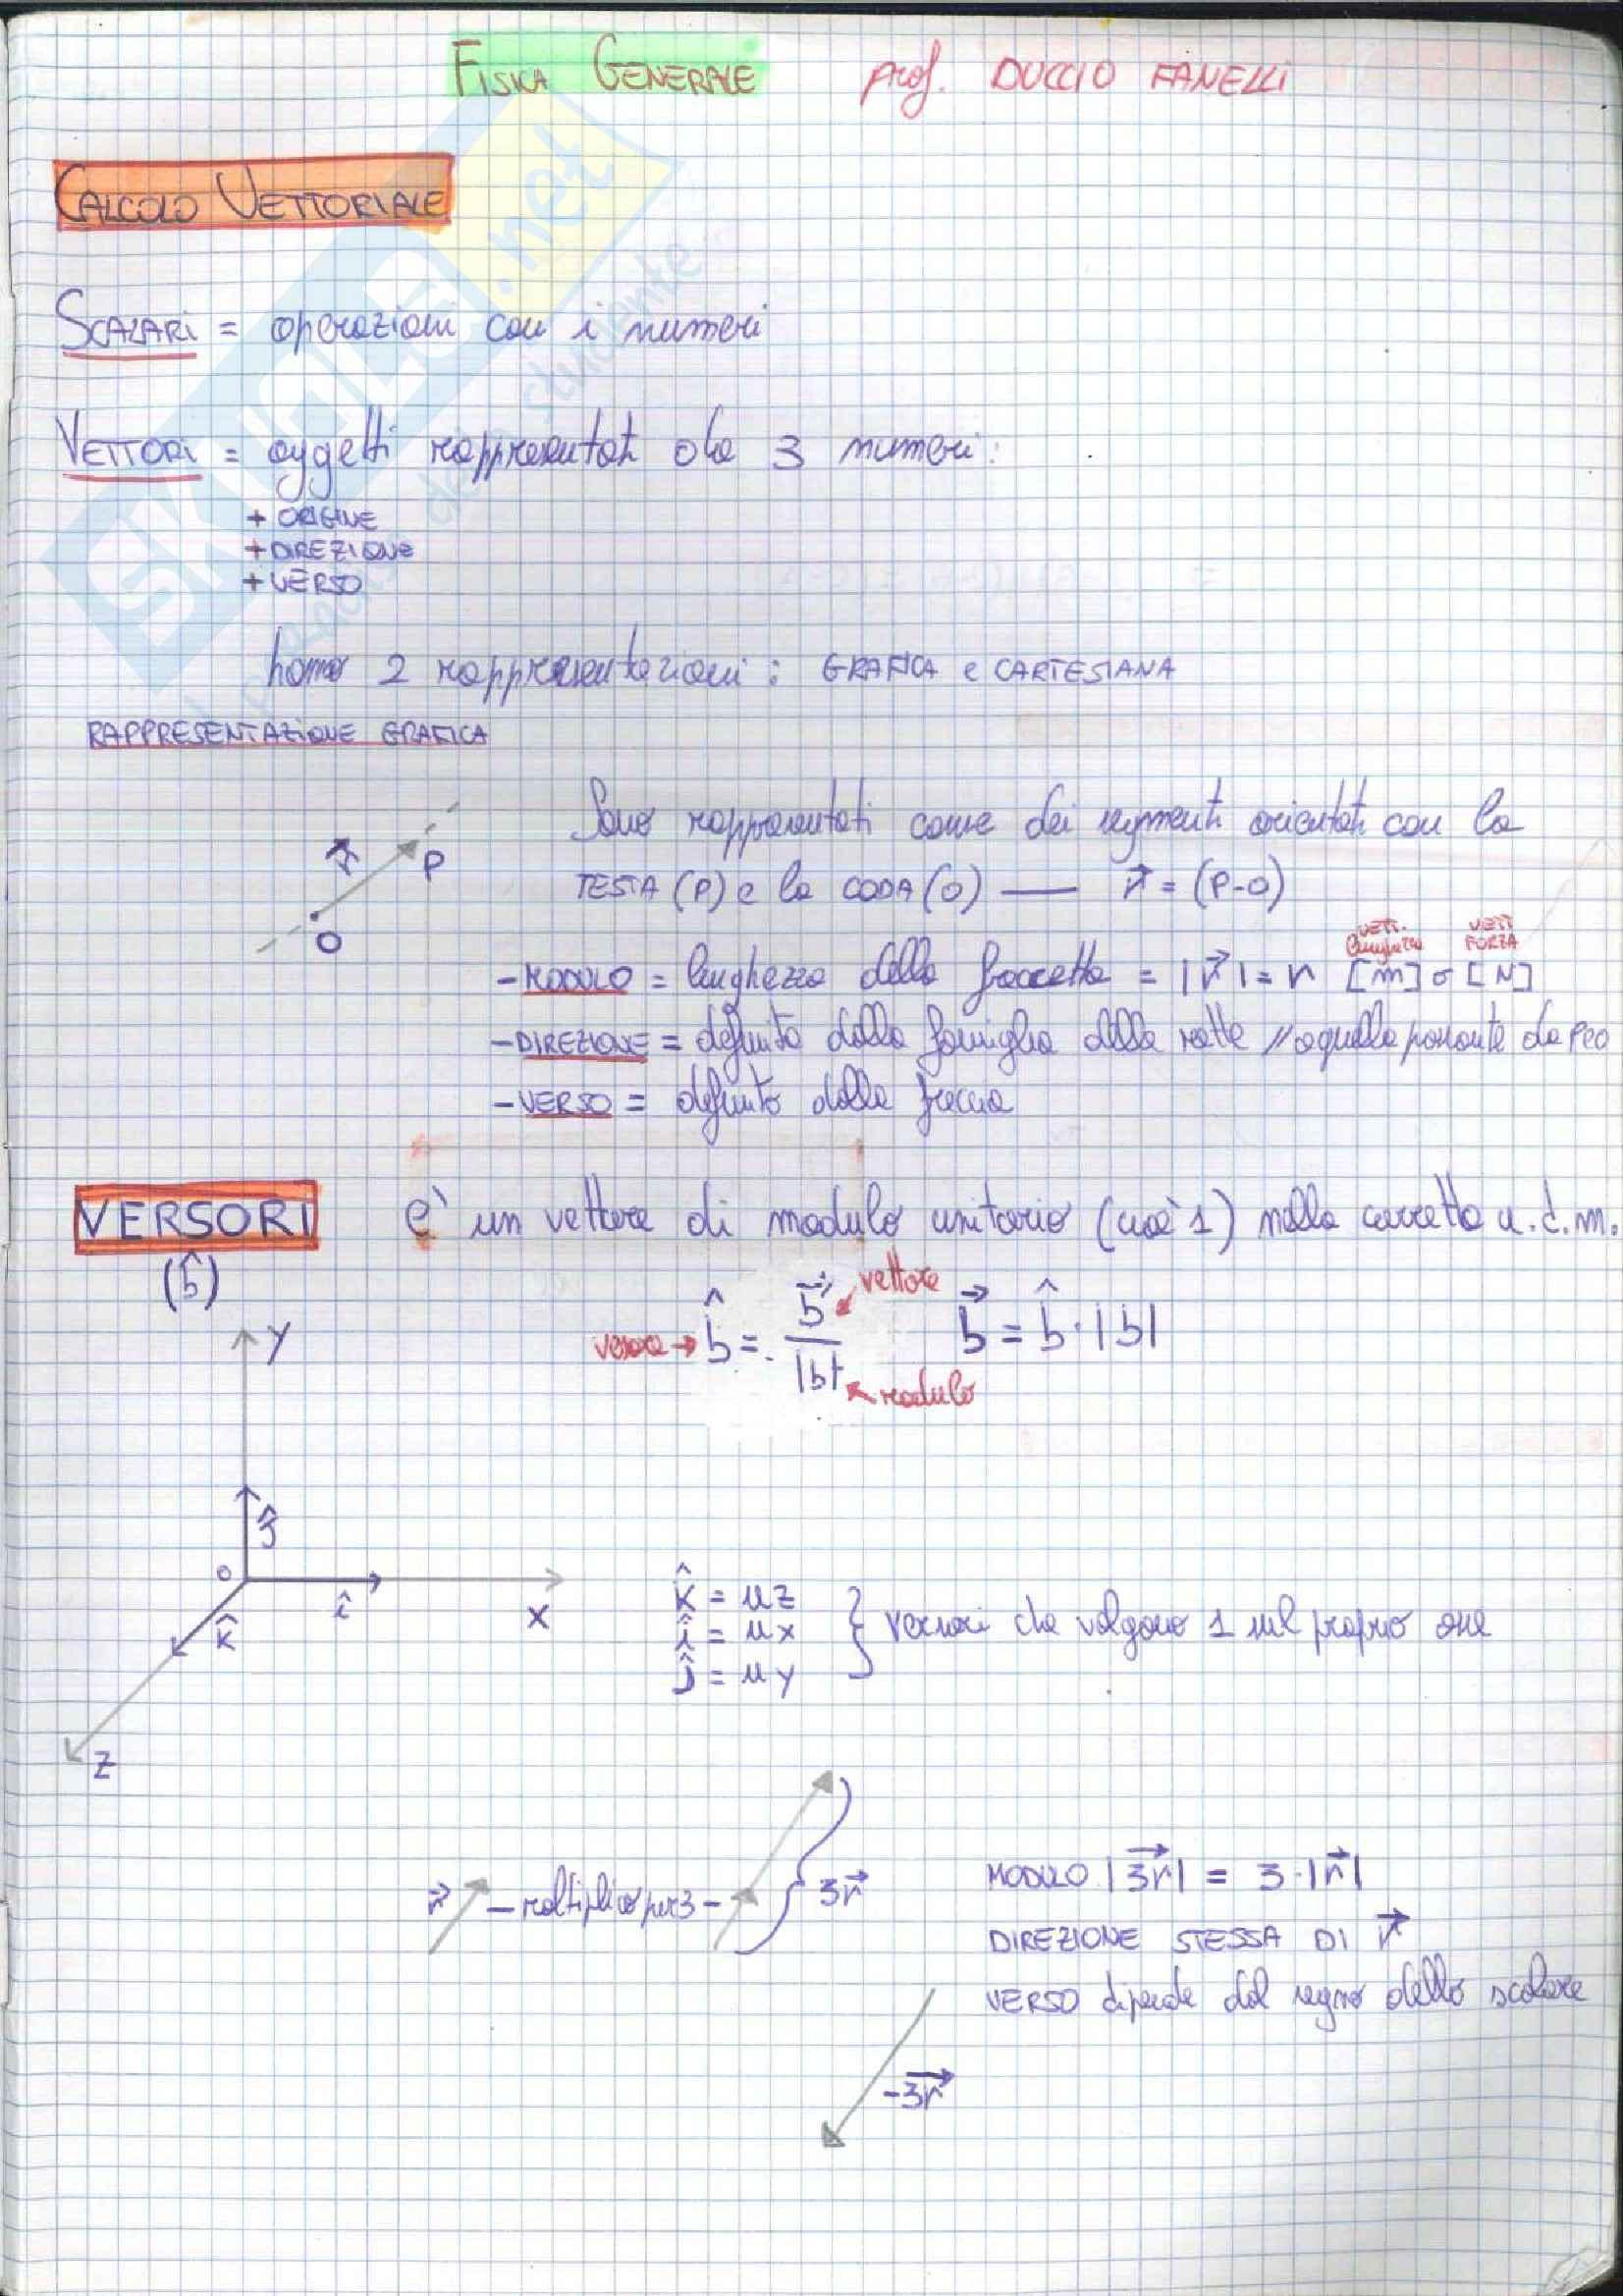 2 di 2 Fisica A Colori - Fisica Meccanica - Cinematica ed Elettromagnetismo, Teoria per Esercizi